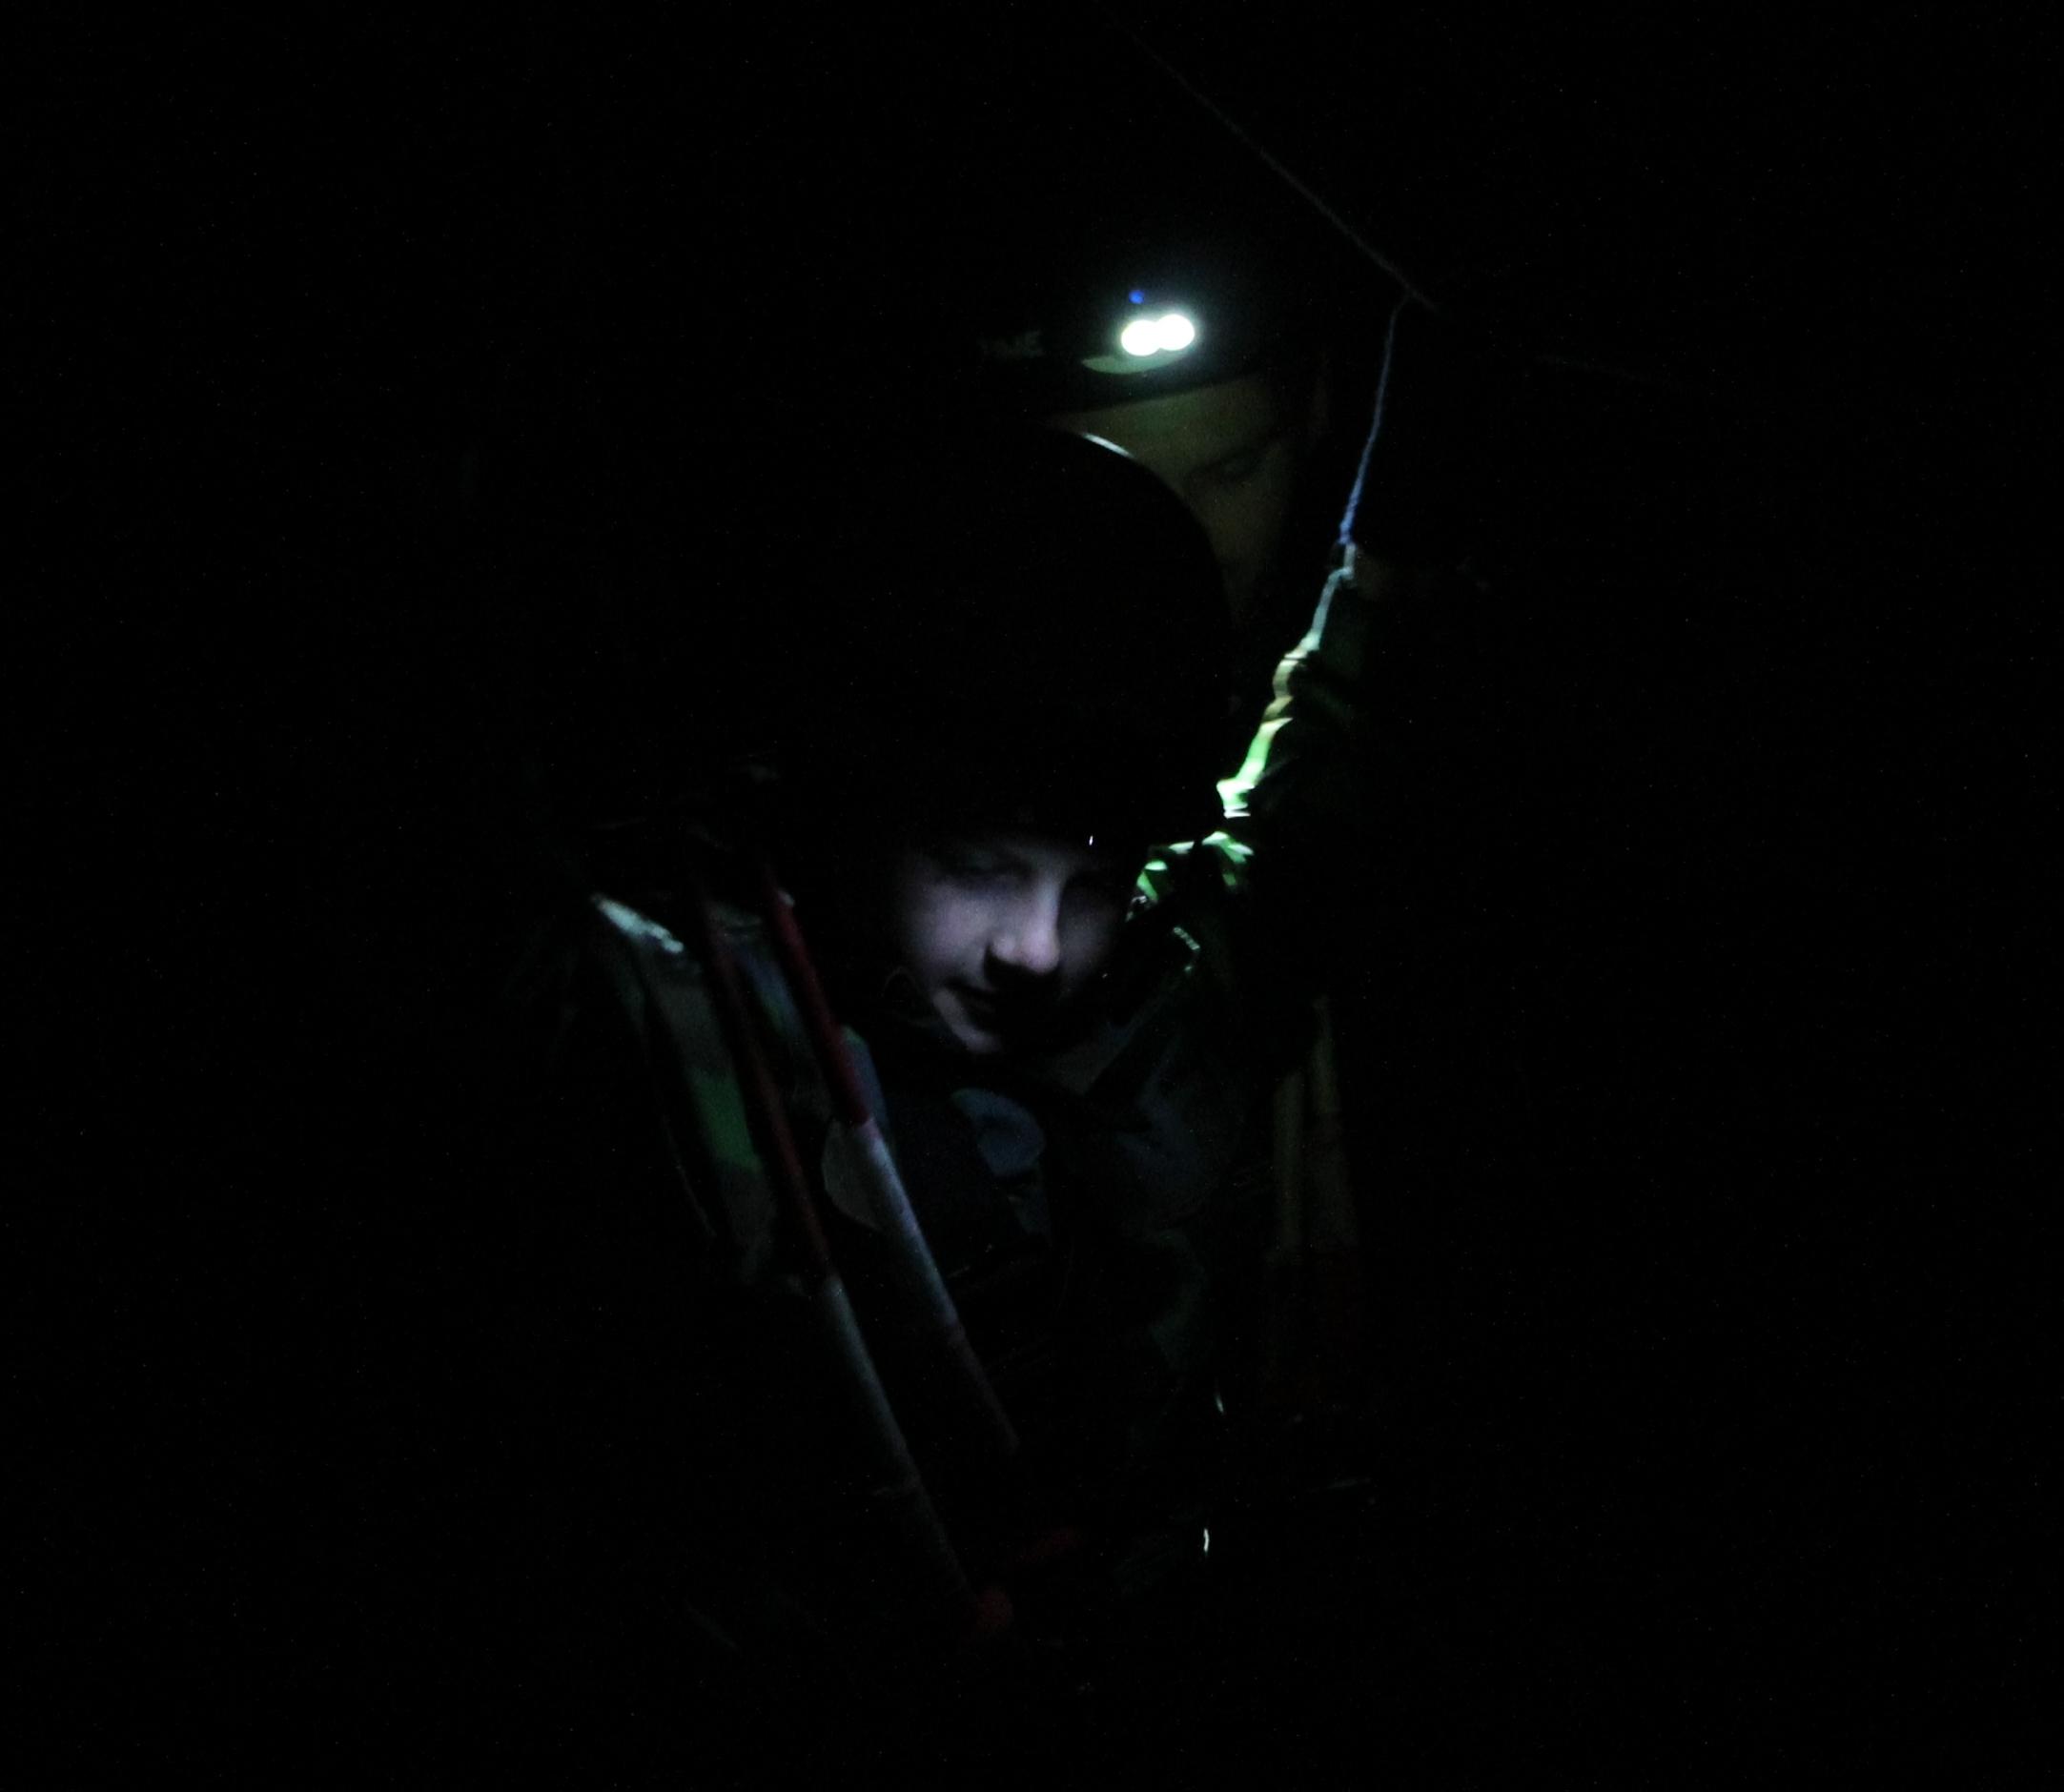 Schlucht bei Nacht.002.jpg